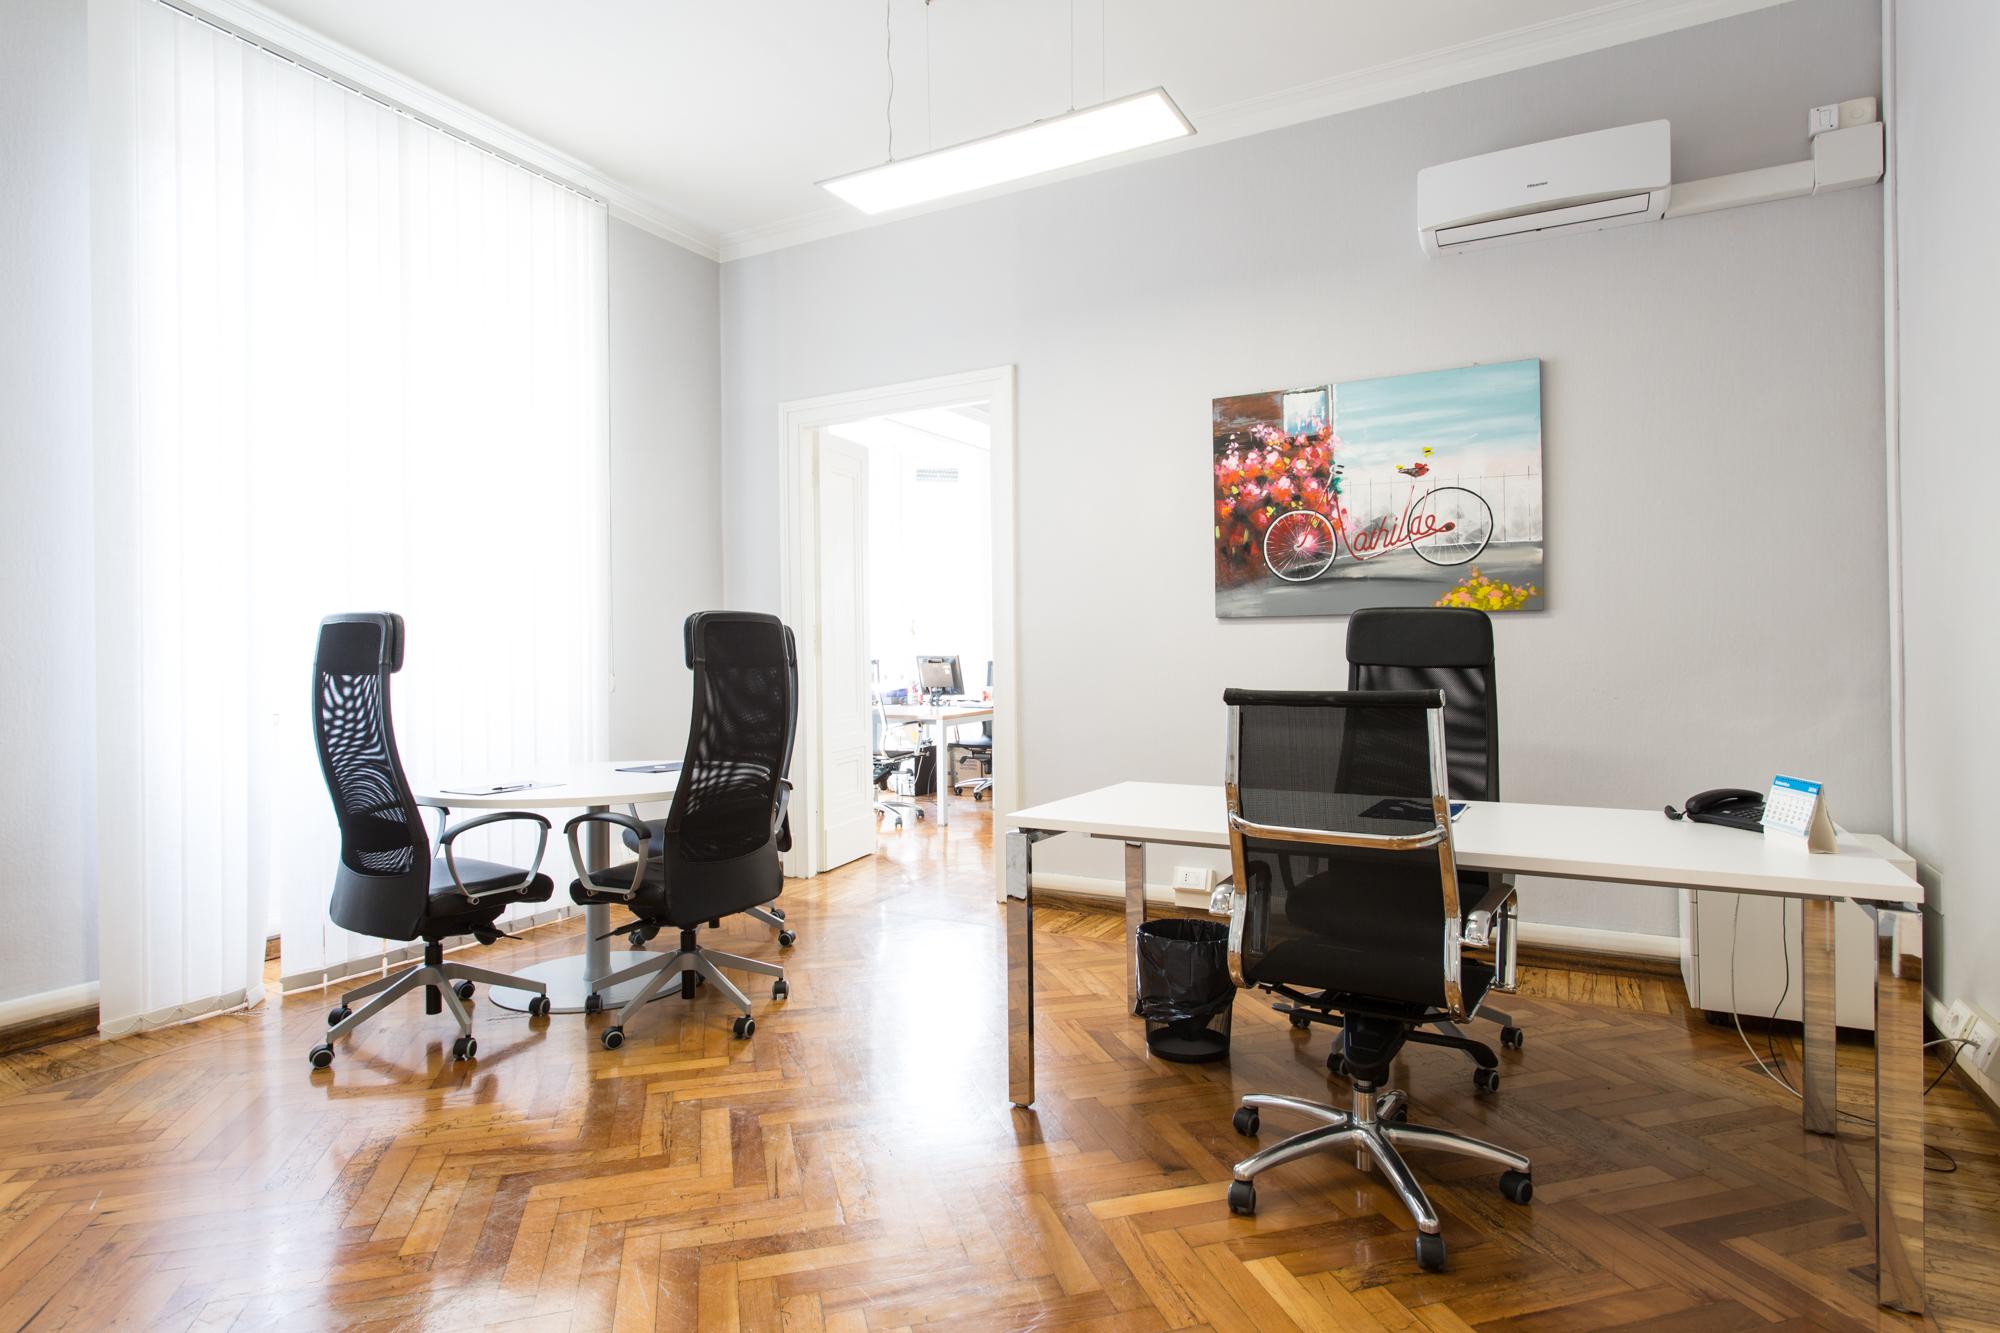 Noleggio uffici a giornata temporanei a milano e roma for Uffici virtuali roma